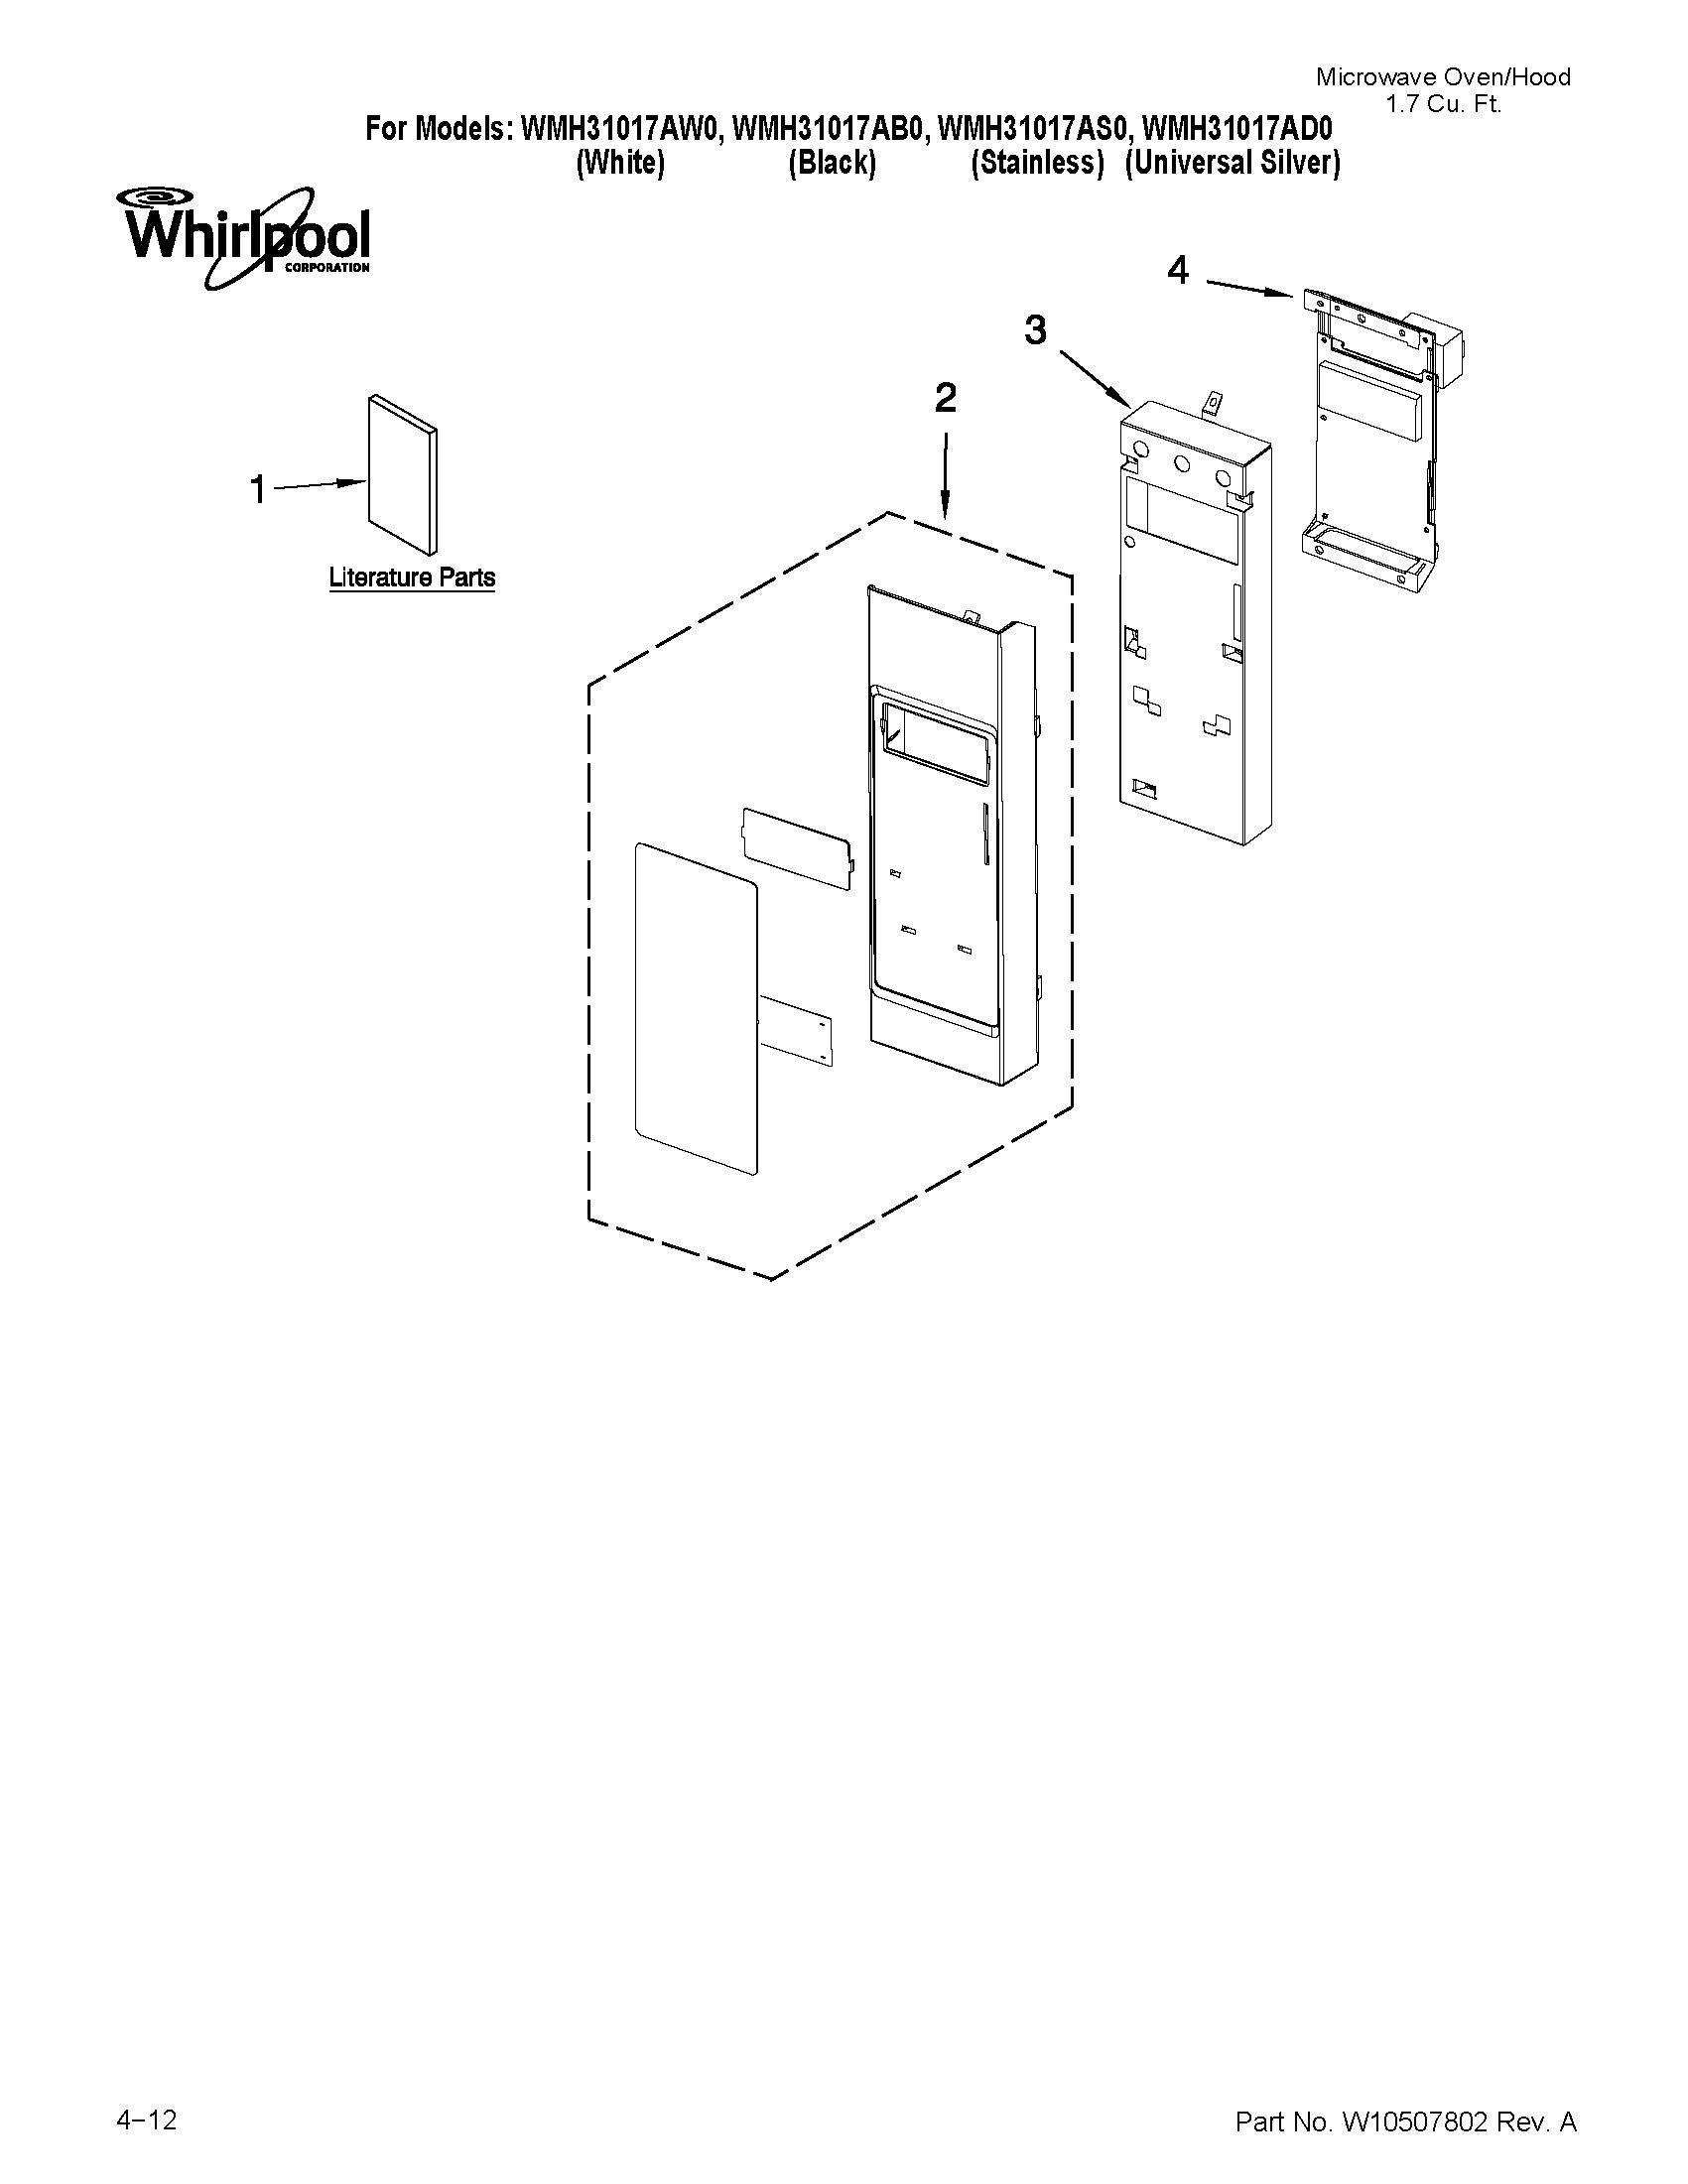 Whirlpool model wmh31017as0 microwave hood bo genuine parts kenmore microwave door switch diagram apollo microwave wiring diagram